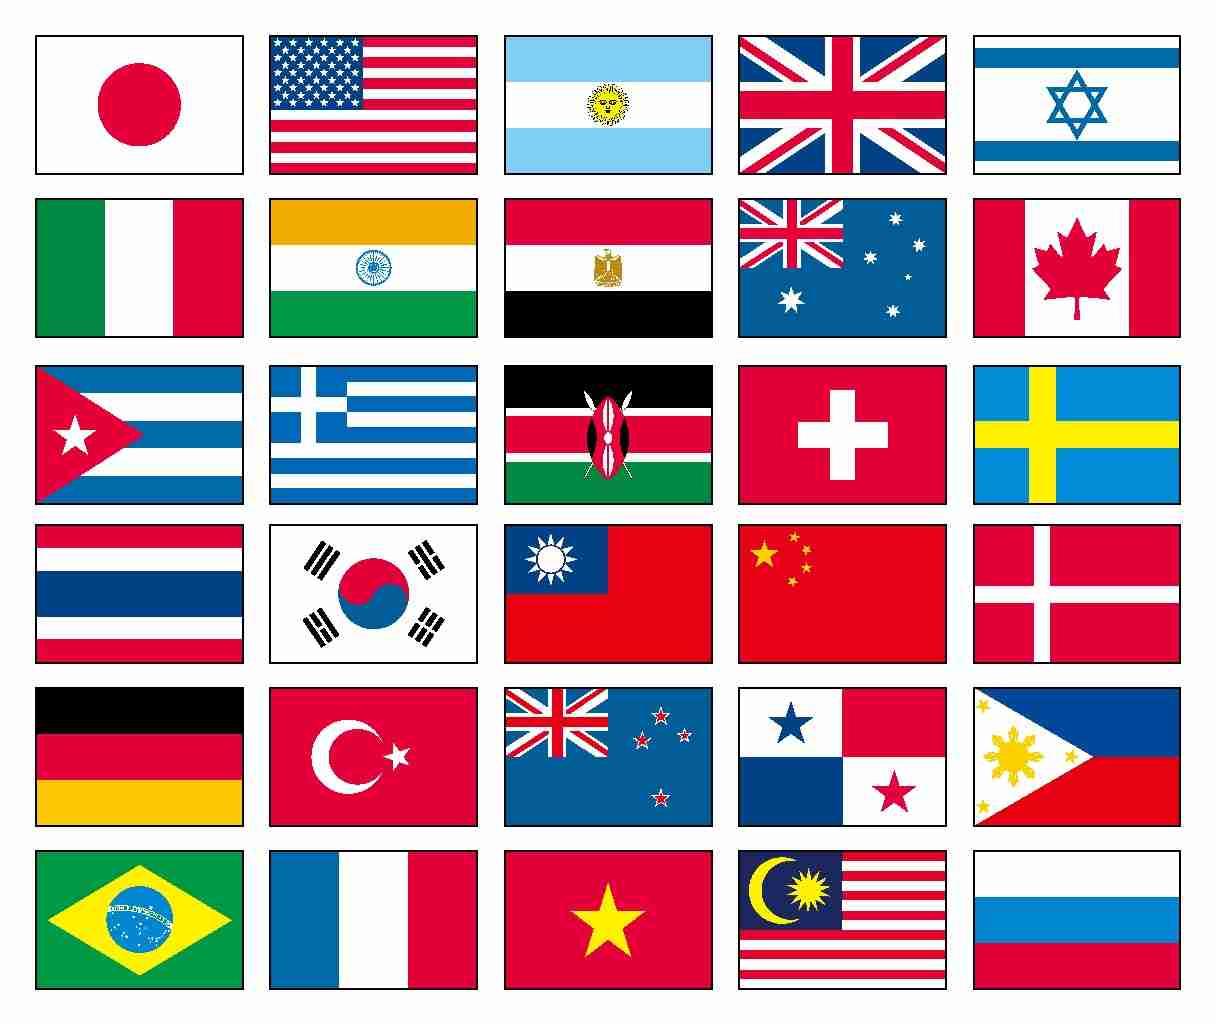 それぞれの国のイメージ